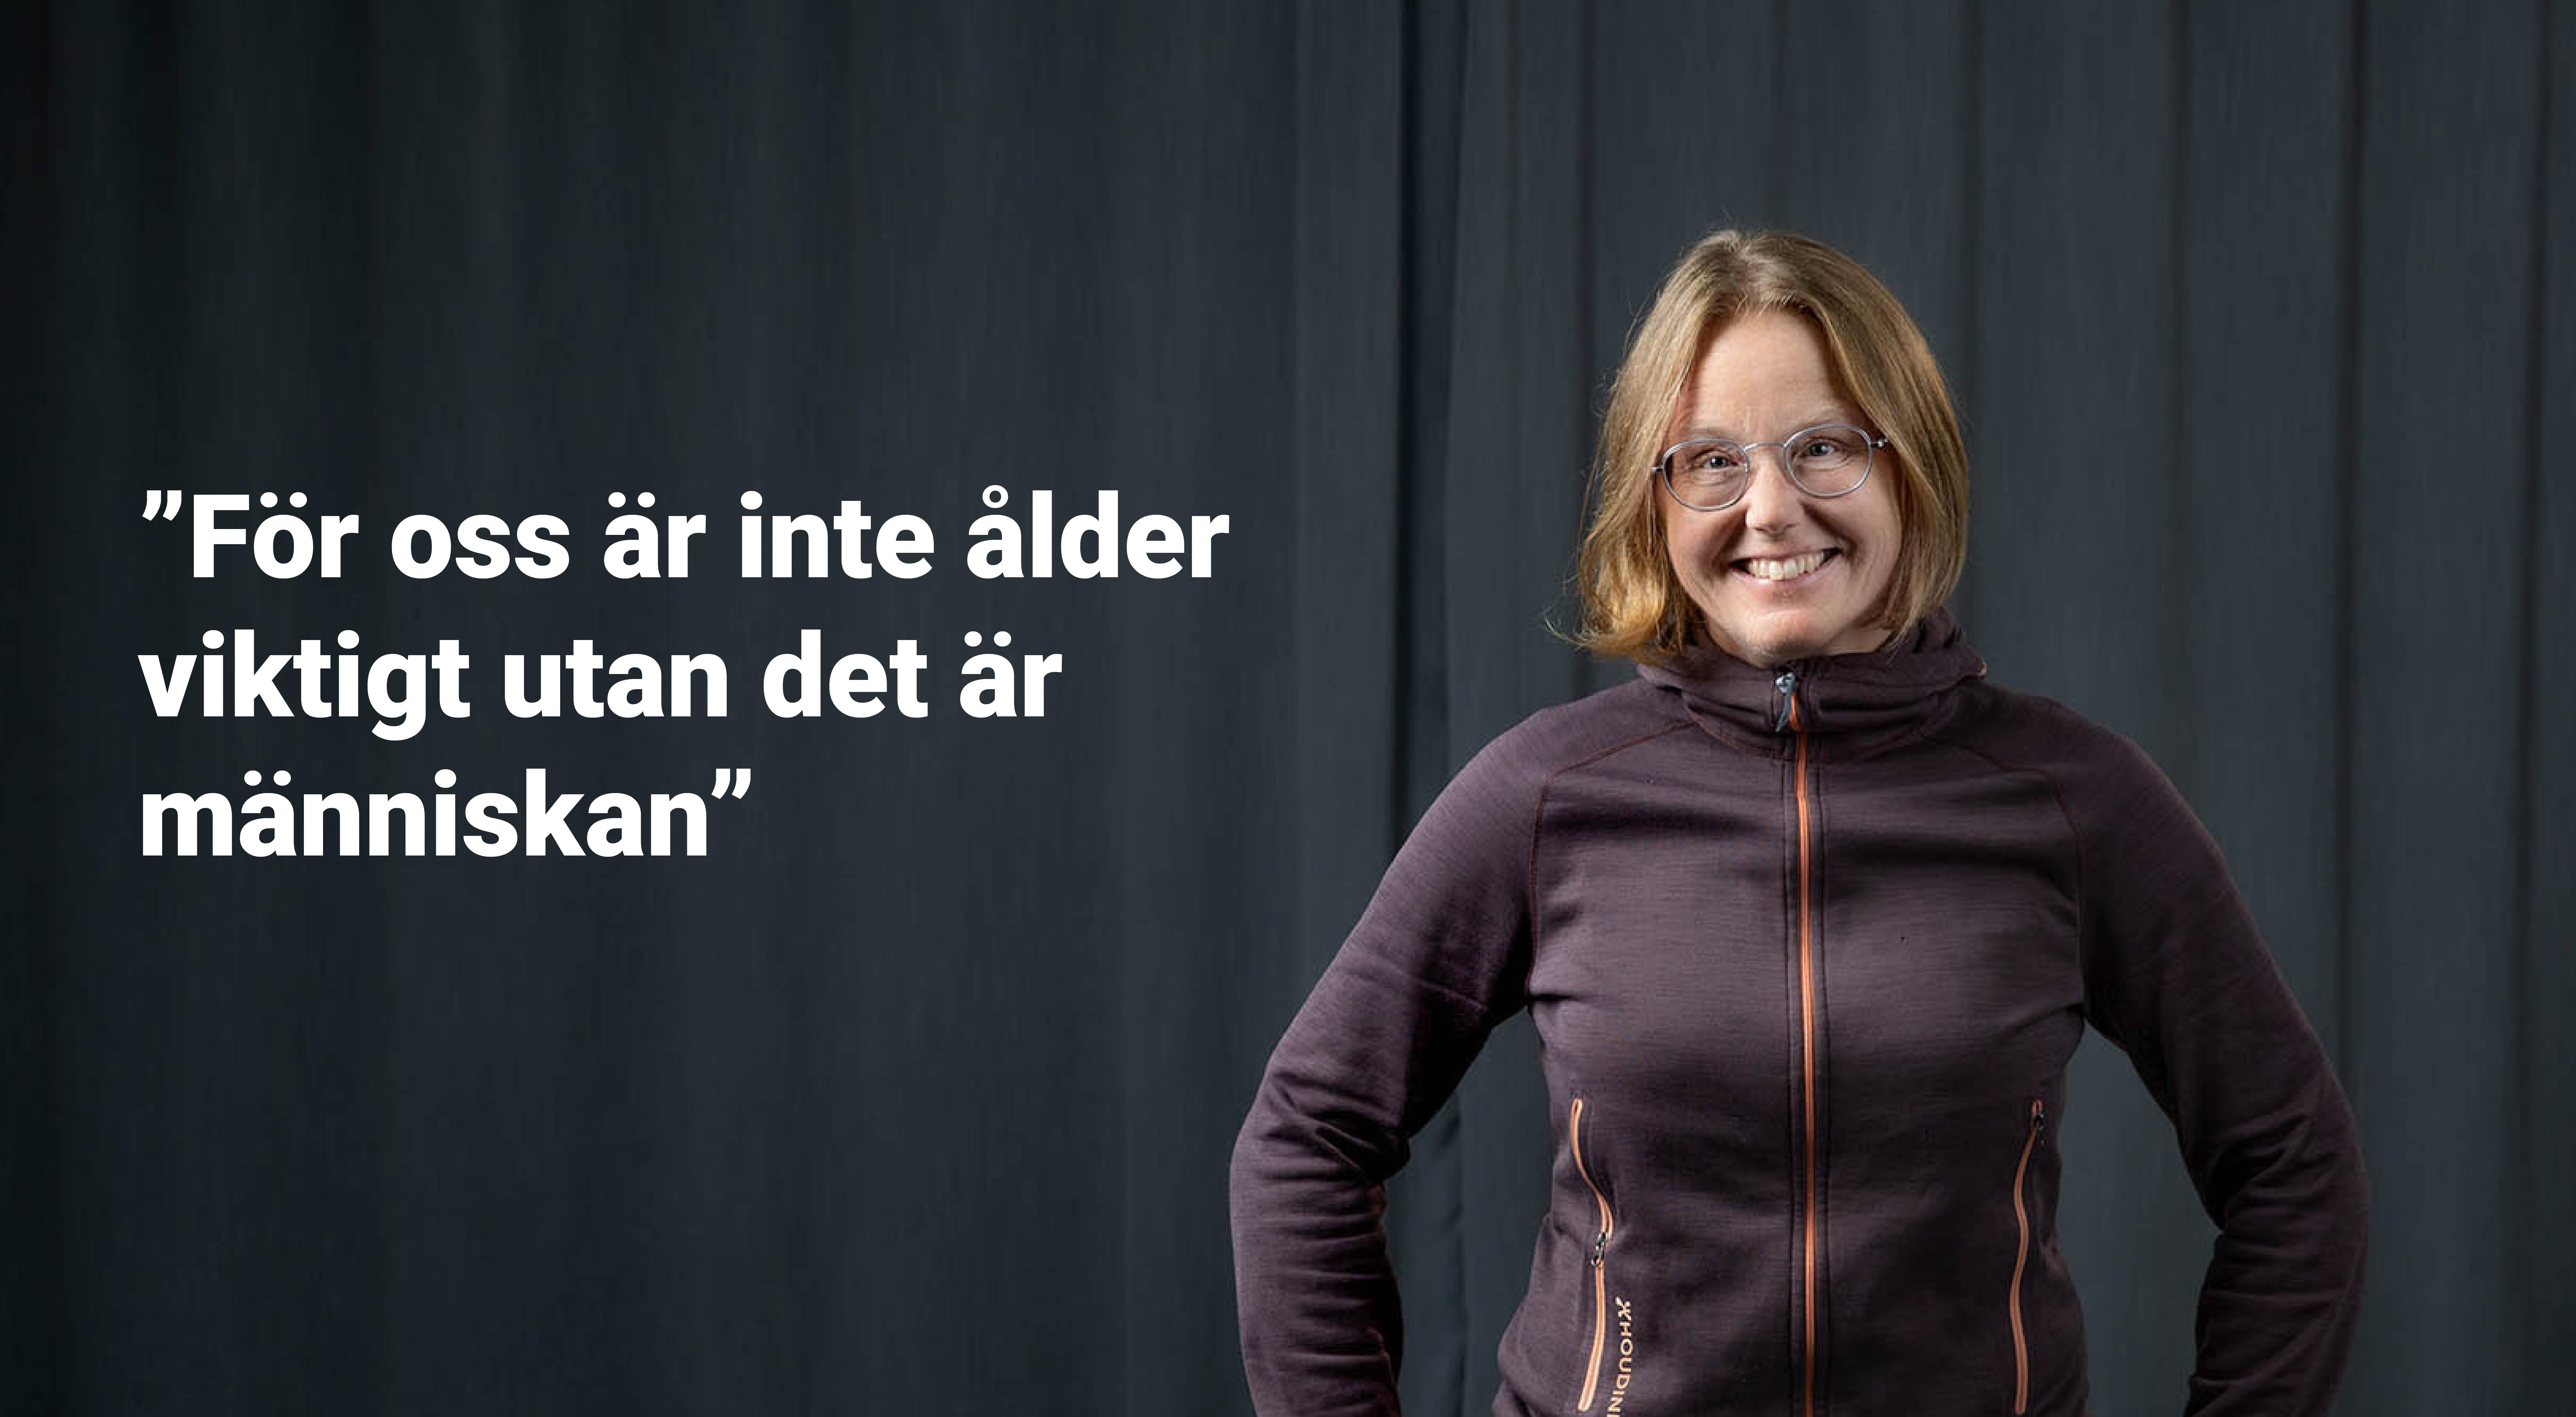 Jenny Sjöström